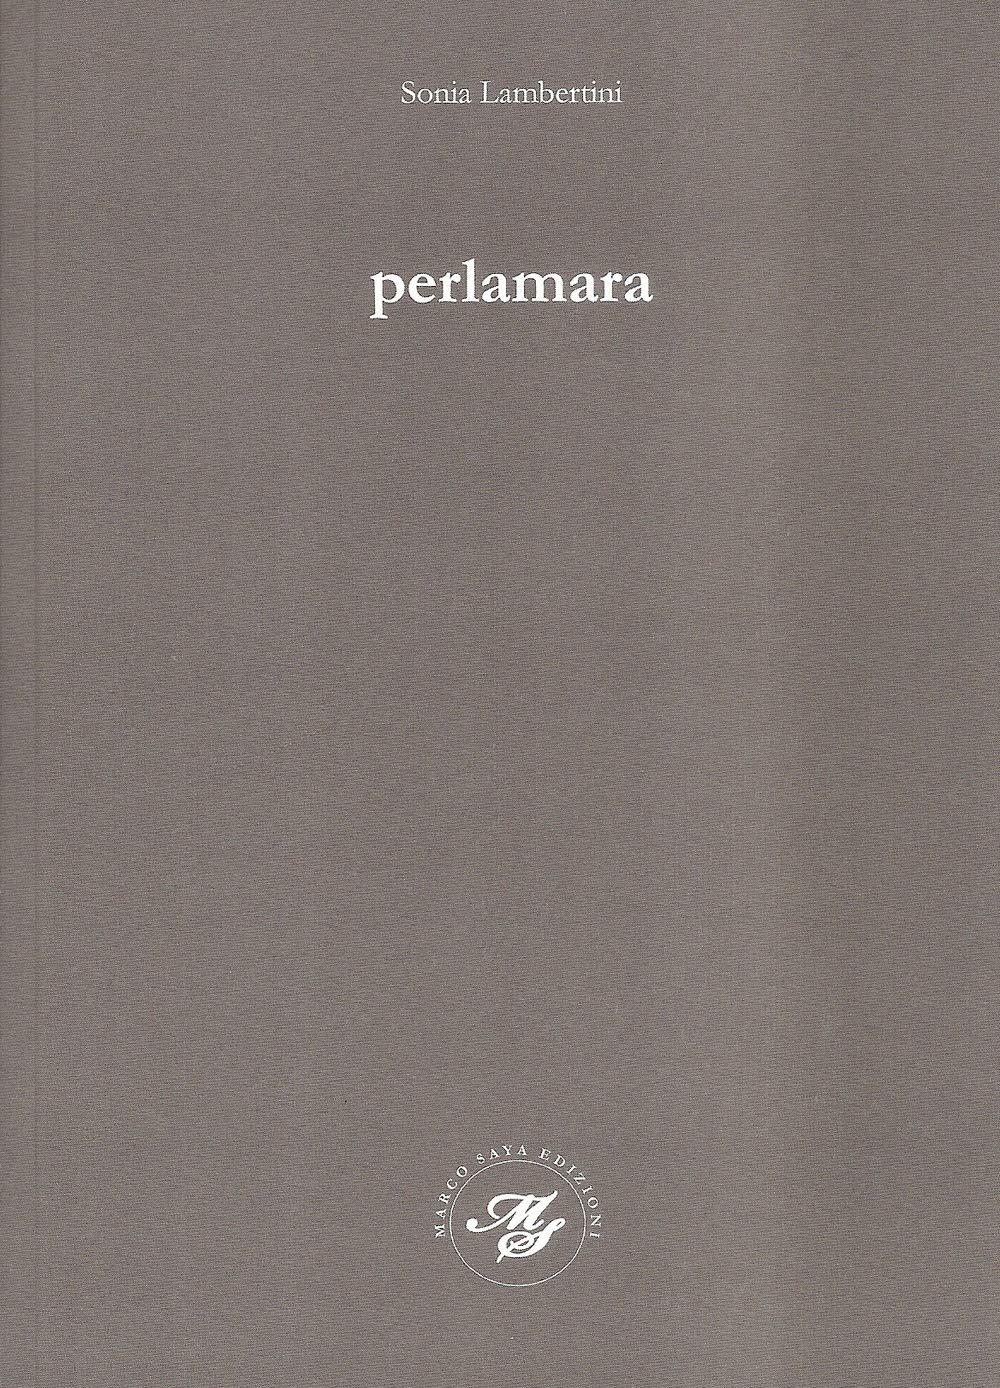 Perlamara – Sonia Lambertini